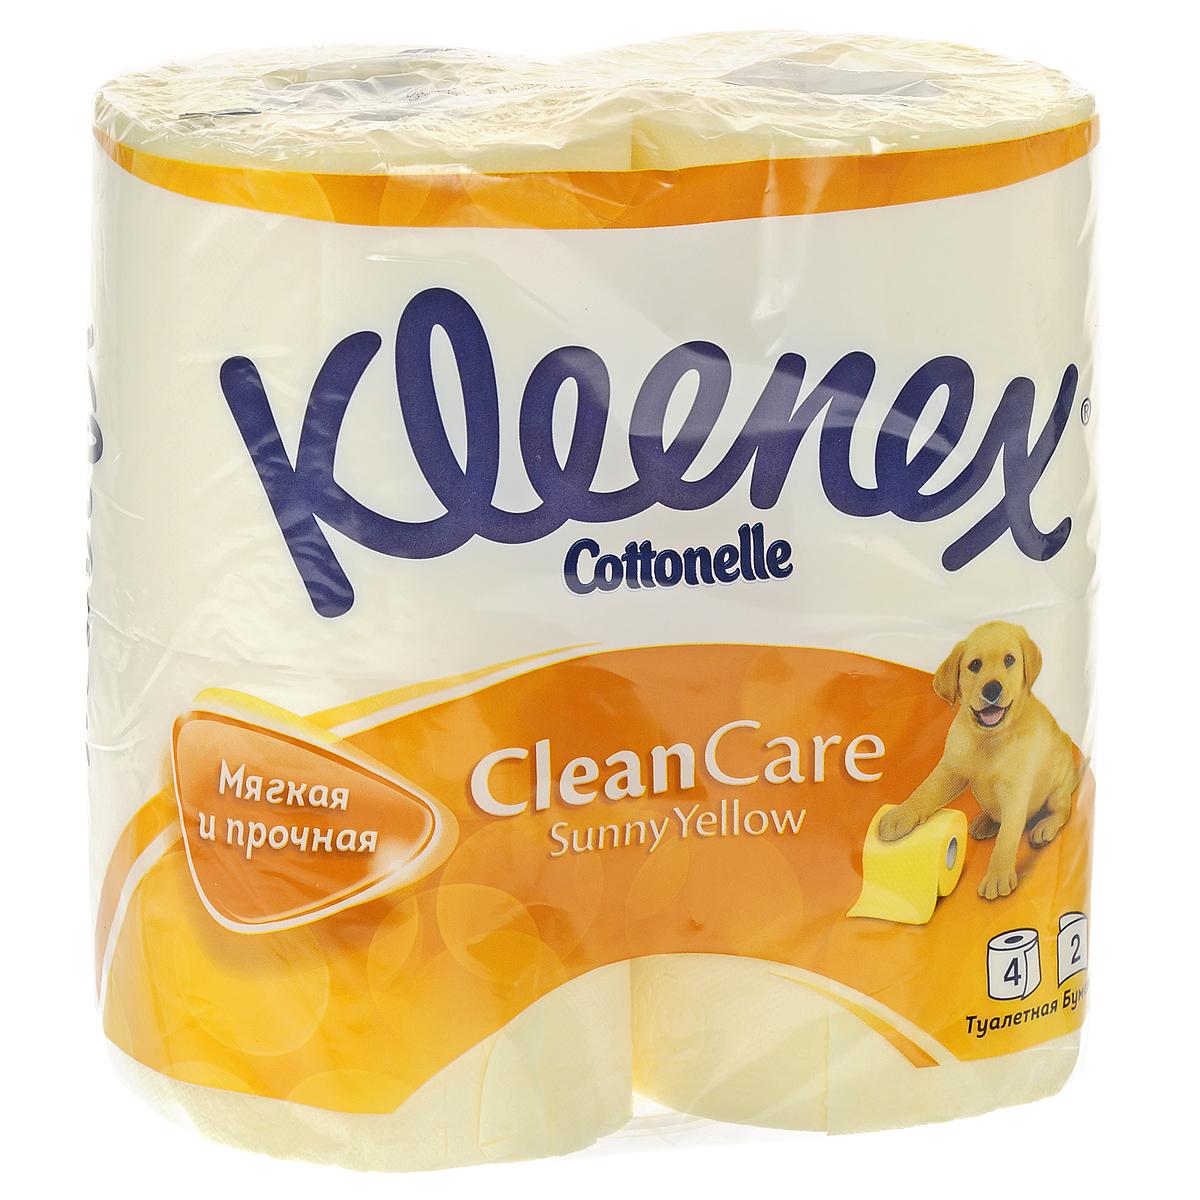 Туалетная бумага Kleenex Sunny Yellow, двухслойная, цвет: желтый, 4 рулона260830823Двухслойная туалетная бумага Kleenex Sunny Yellow изготовлена из целлюлозы высшего качества. Листы желтого цвета имеют рисунок с тиснением в виде собачек. Мягкая, нежная, но в тоже время прочная, бумага не расслаивается и отрывается строго по линии перфорации.